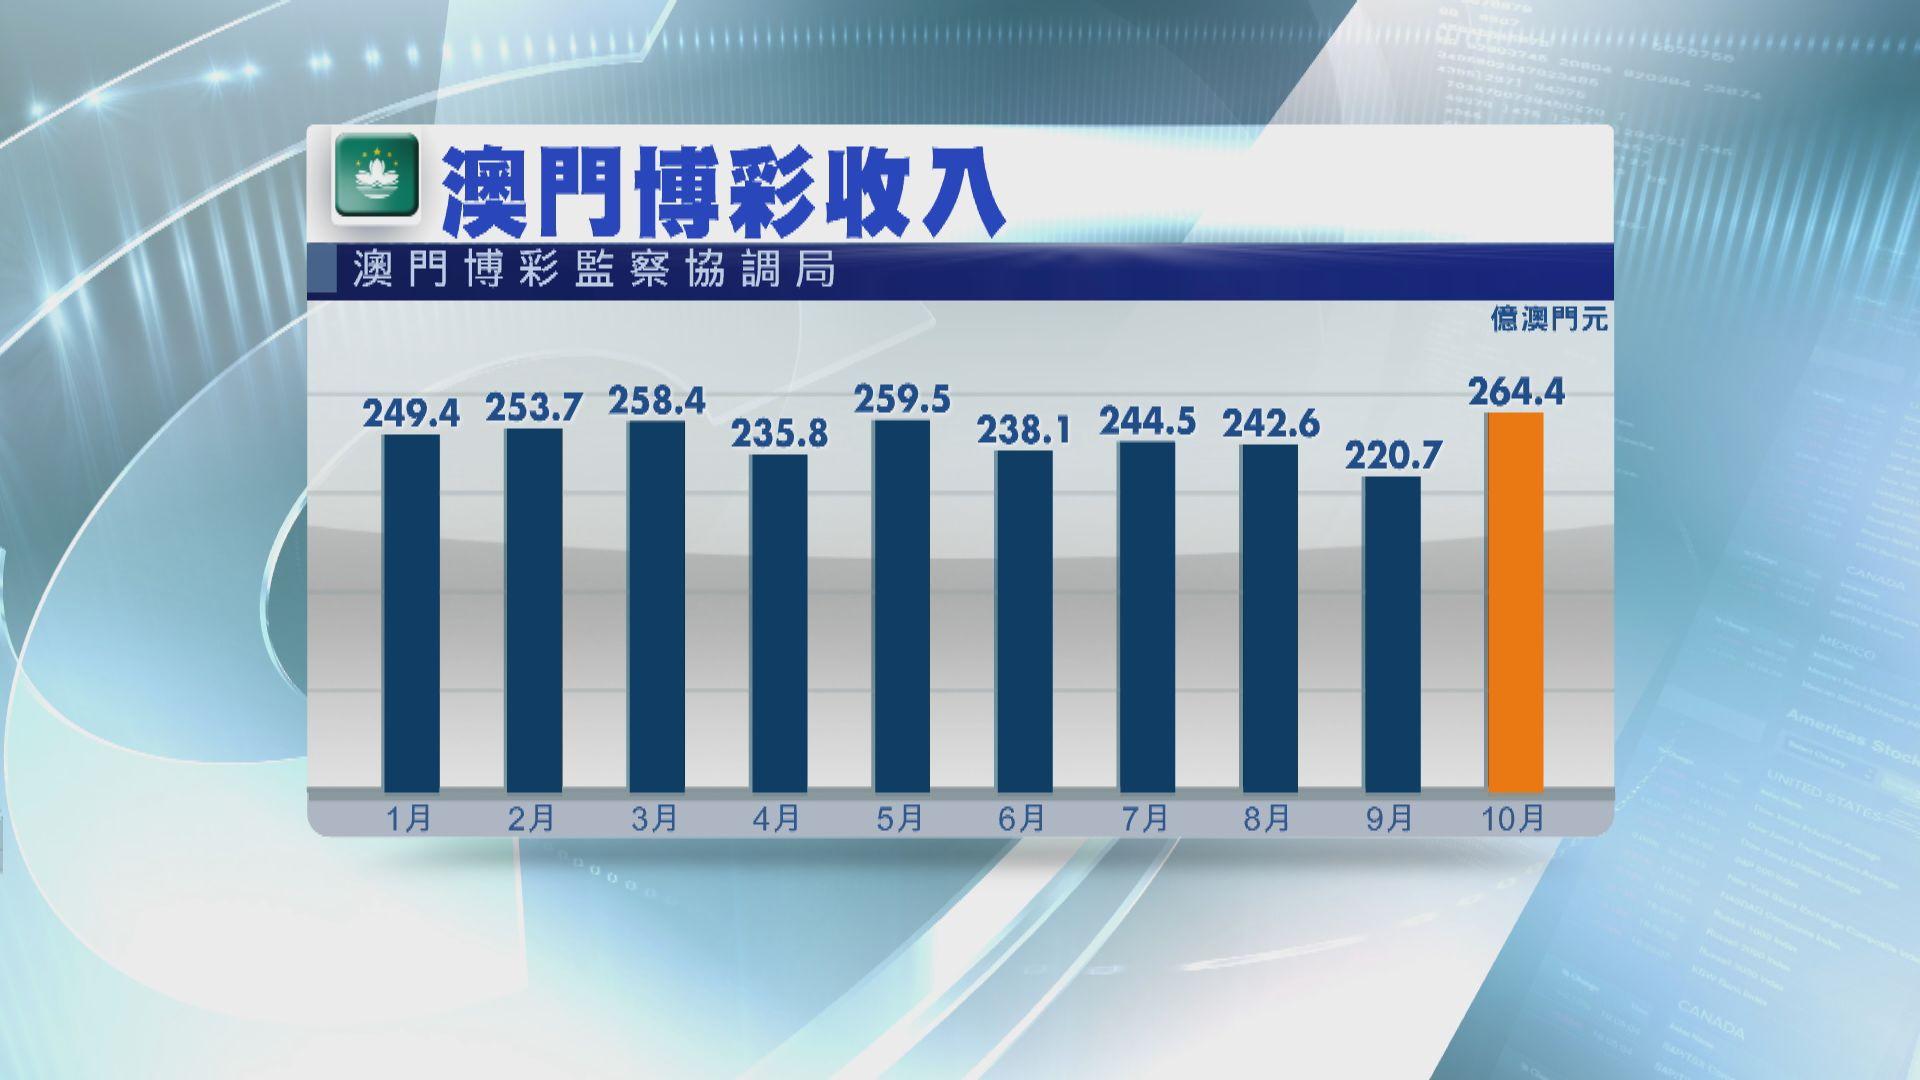 【由升轉跌】澳門上月博彩收入按年跌3.2%